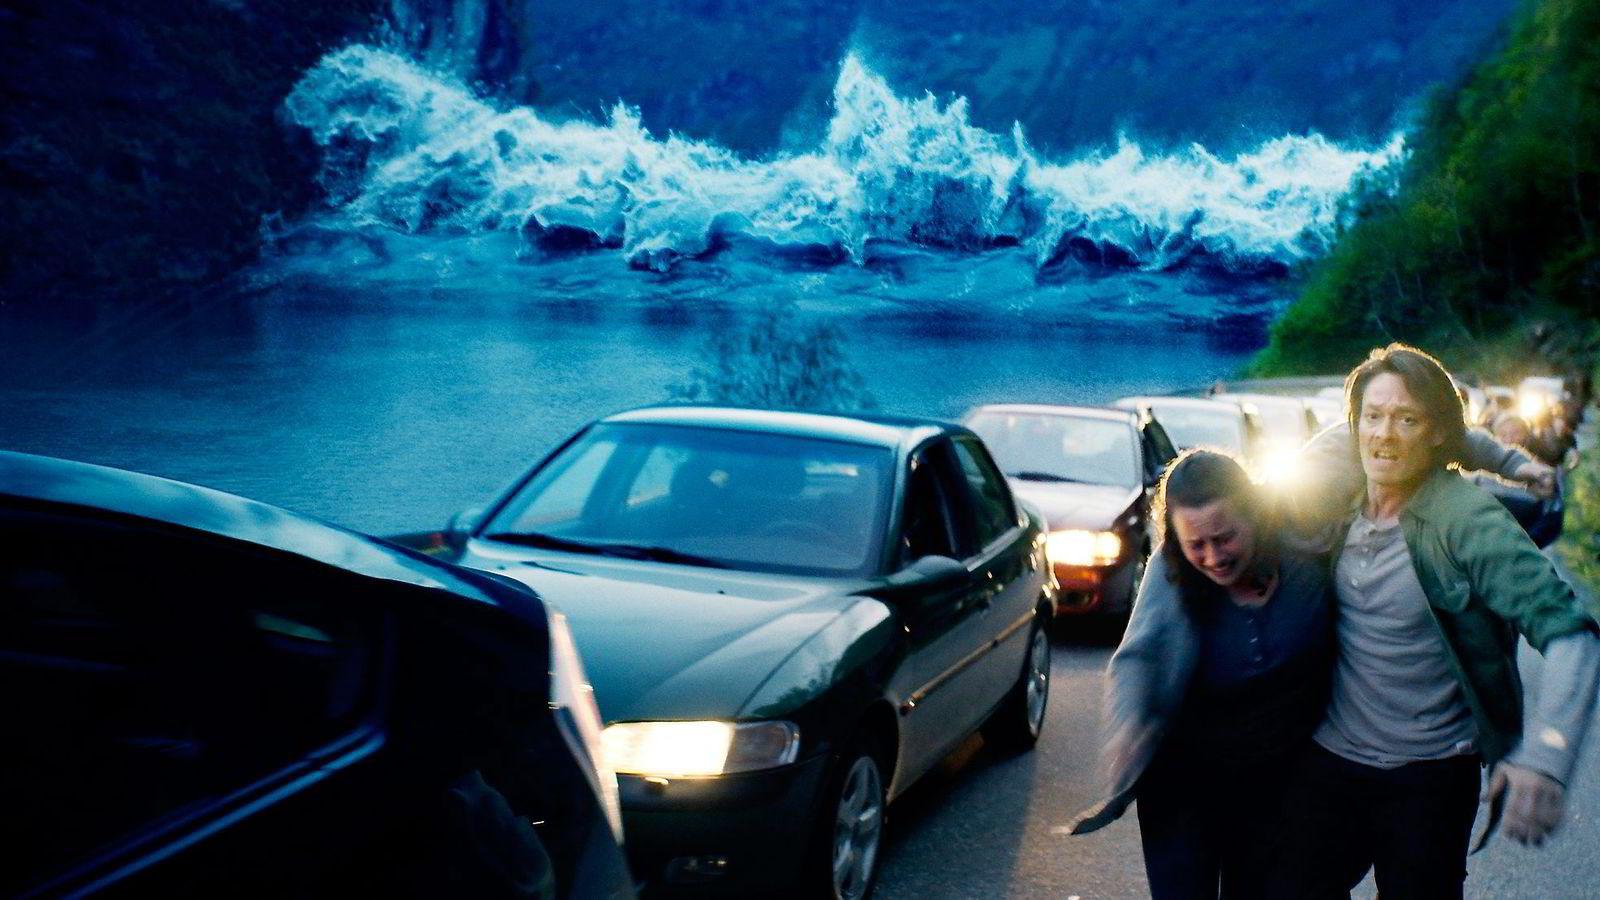 Roar Uthaug har skapt en bølge som vasker vekk hele Geiranger og kommer til å skylle publikum inn i kinosalene.